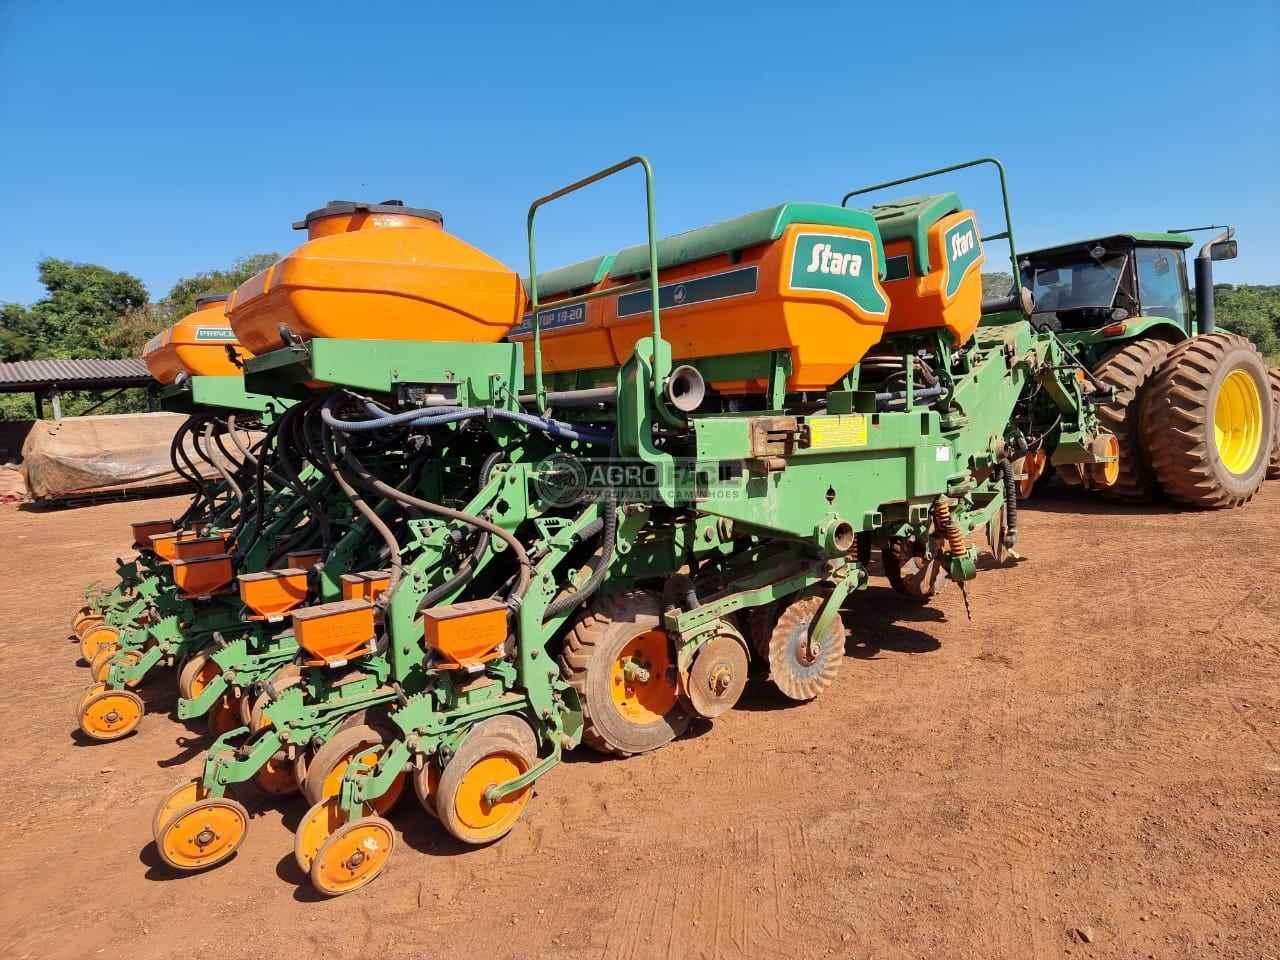 PLANTADEIRA STARA PRINCESA 18-20 Agro Fácil Máquinas PRIMAVERA DO LESTE MATO GROSSO MT